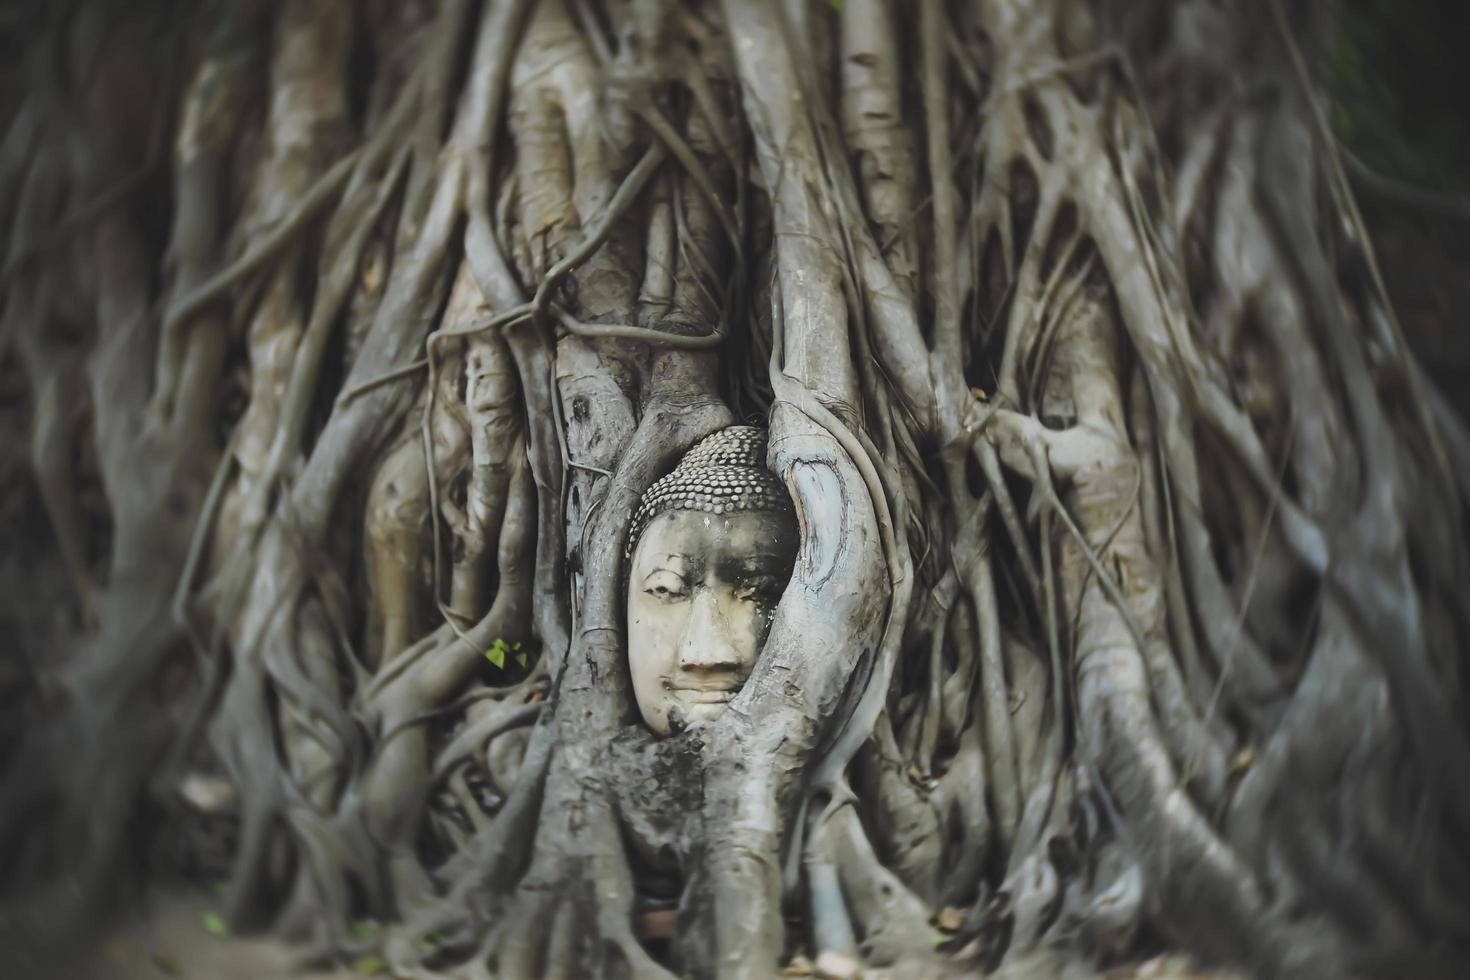 alter Kopf des Buddha-Kopfes foto